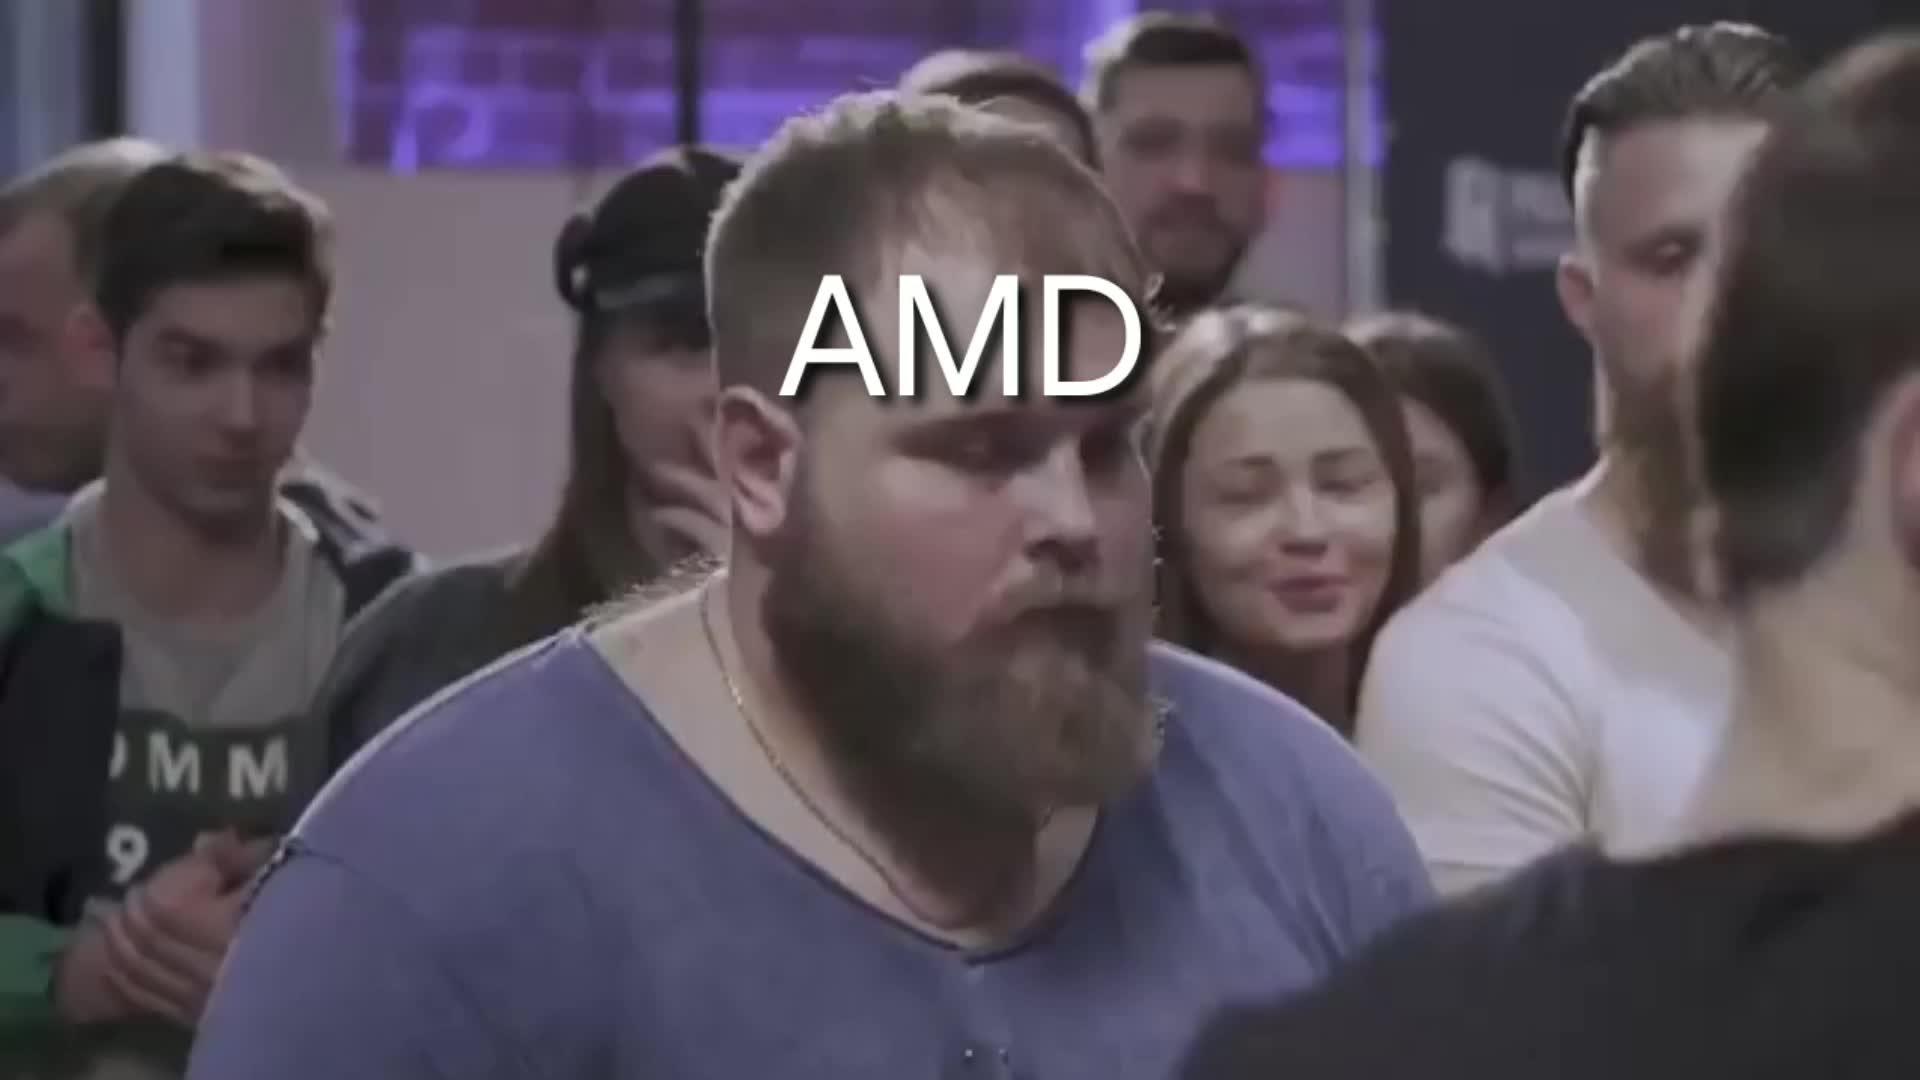 amd, intel, ryzen, cpu, ayymd, AMD at computex GIFs